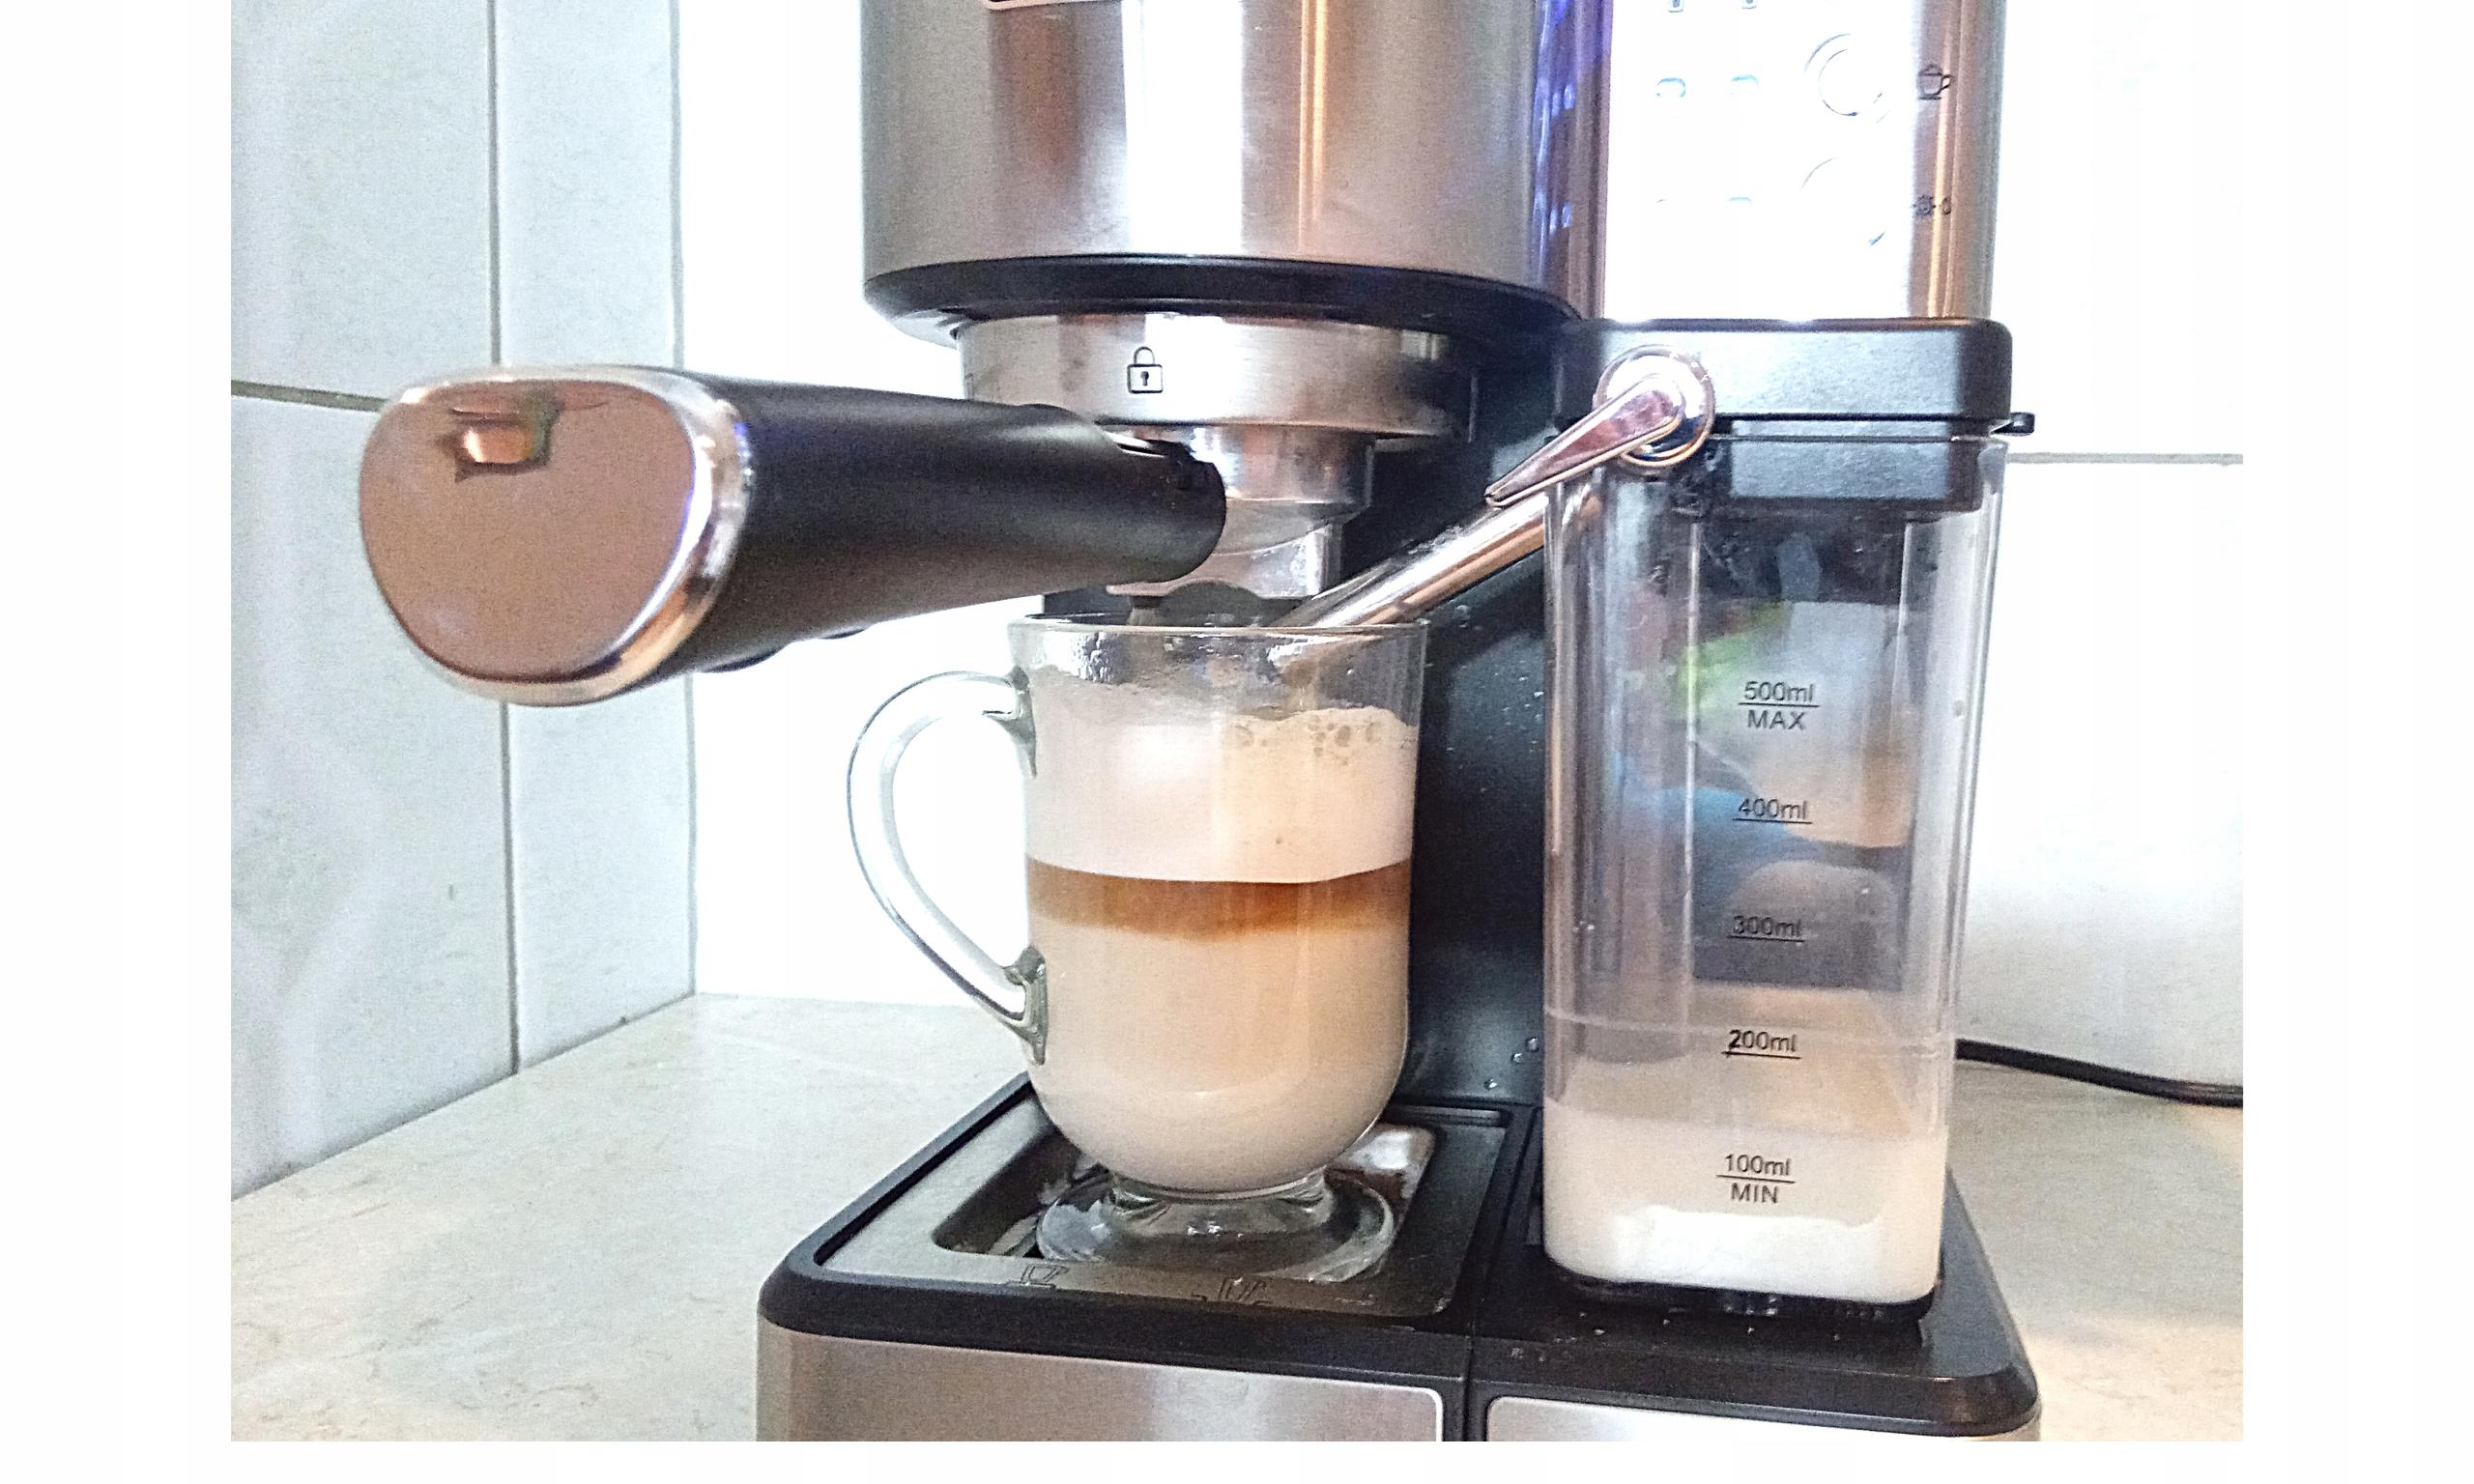 ZESTAW SZKLANKI DO KAWY LATTE Herbaty 300ml 6 szt Materiał wykonania szkło